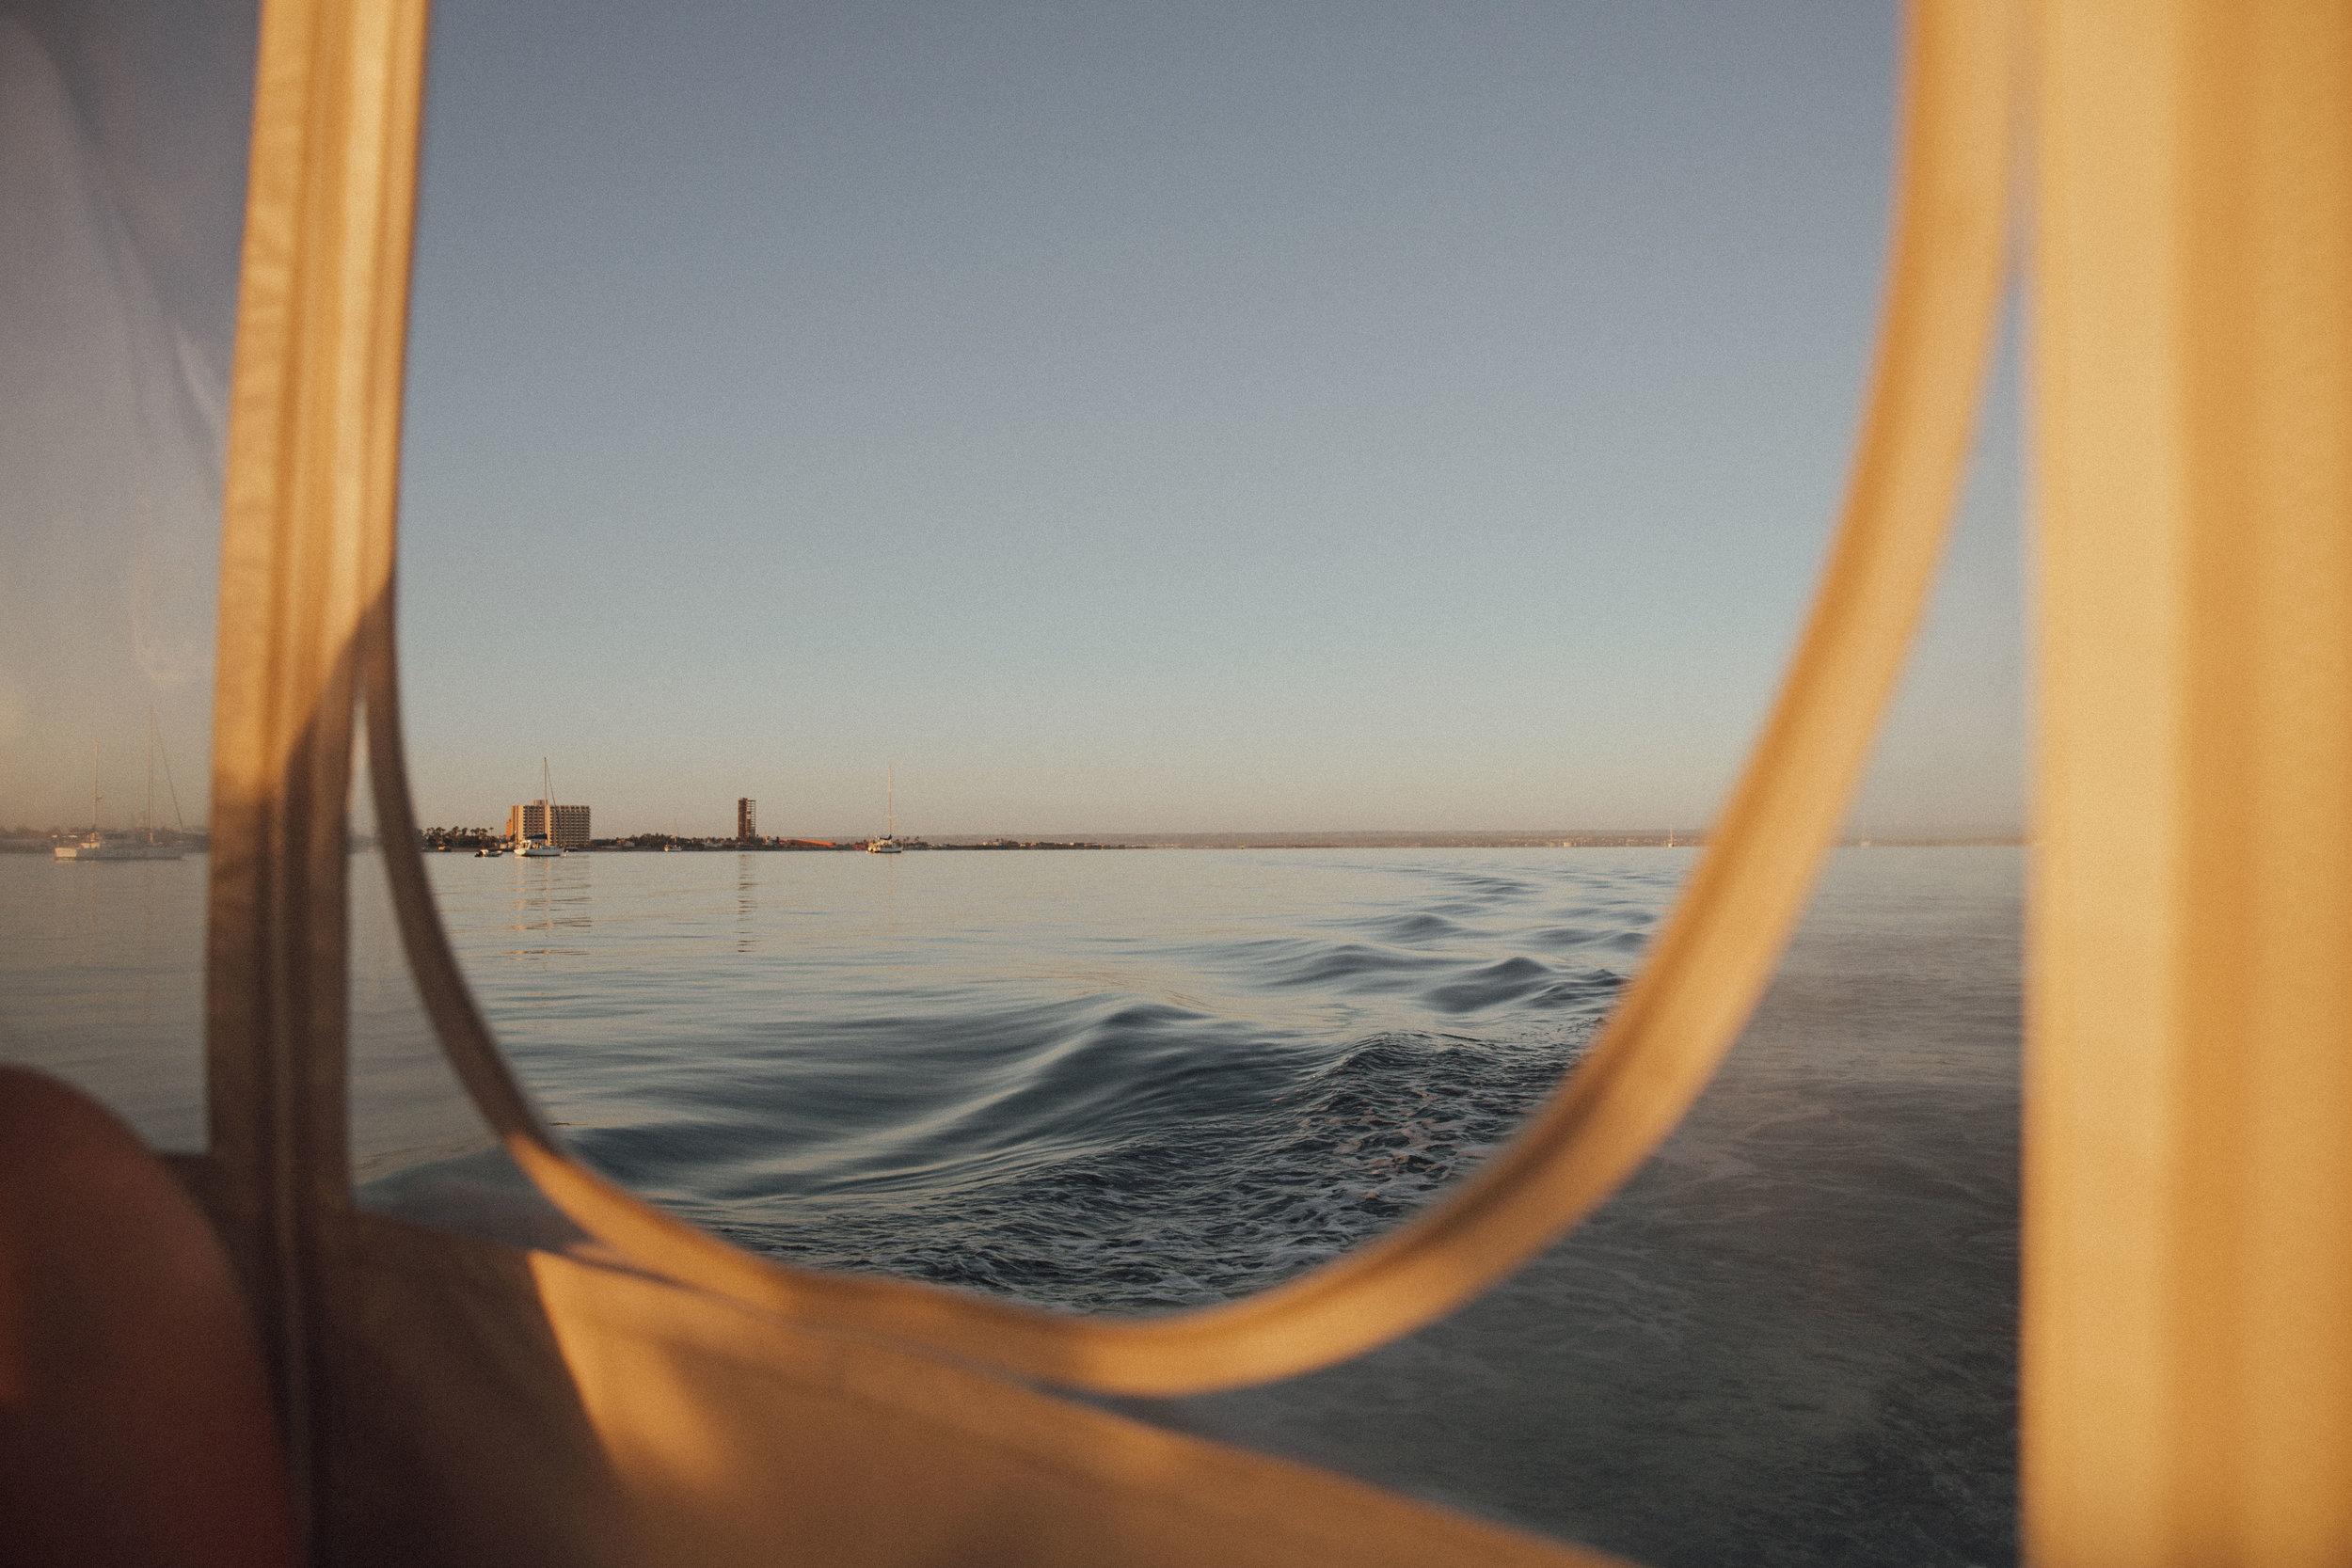 sunrise-boat-ride-mexico